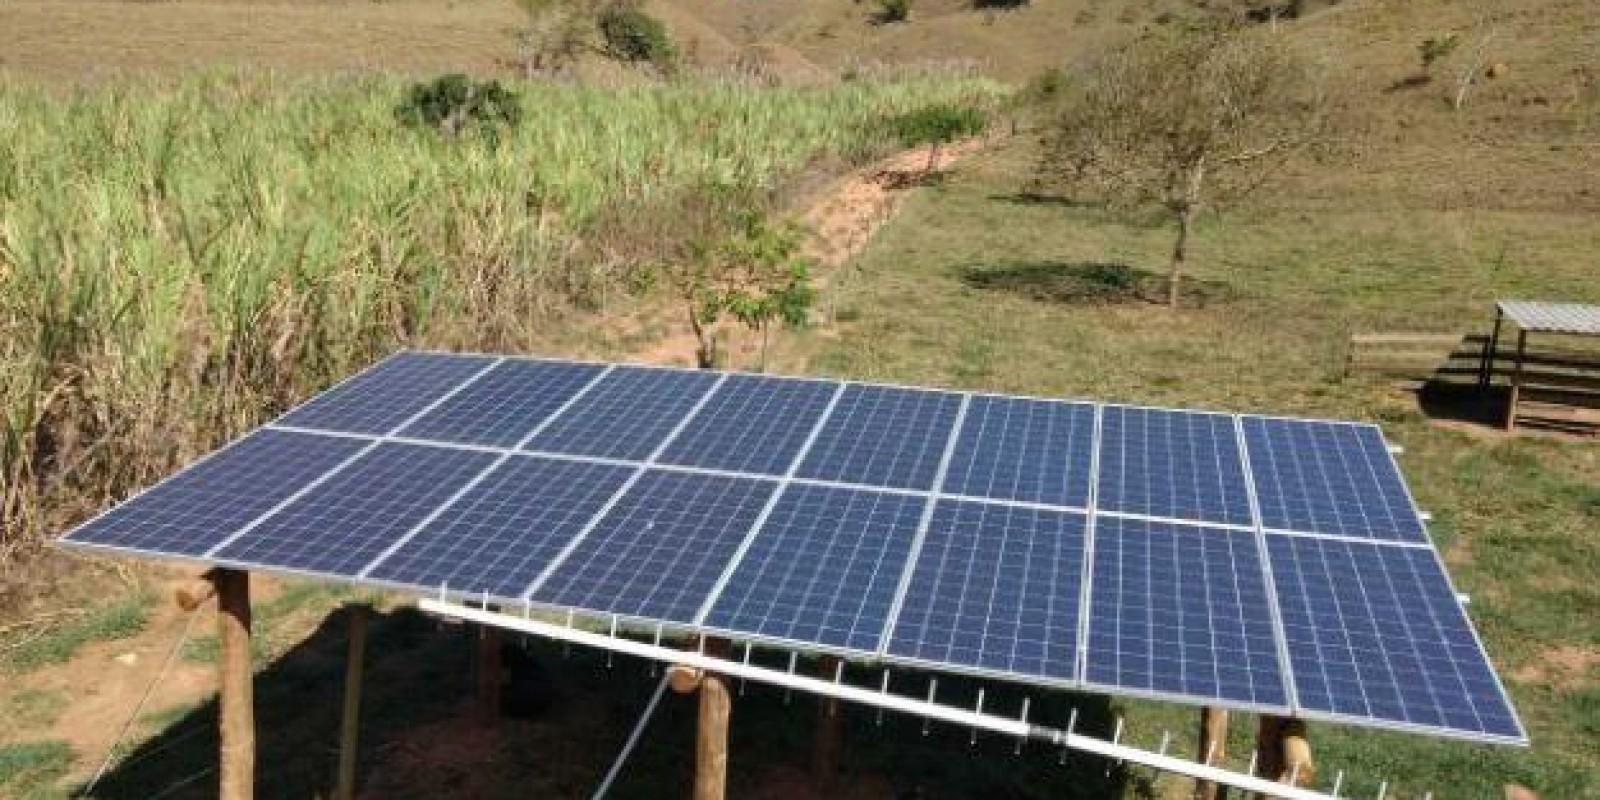 Produtor familiar utiliza luz do sol para produzir energia e economizar na propriedade